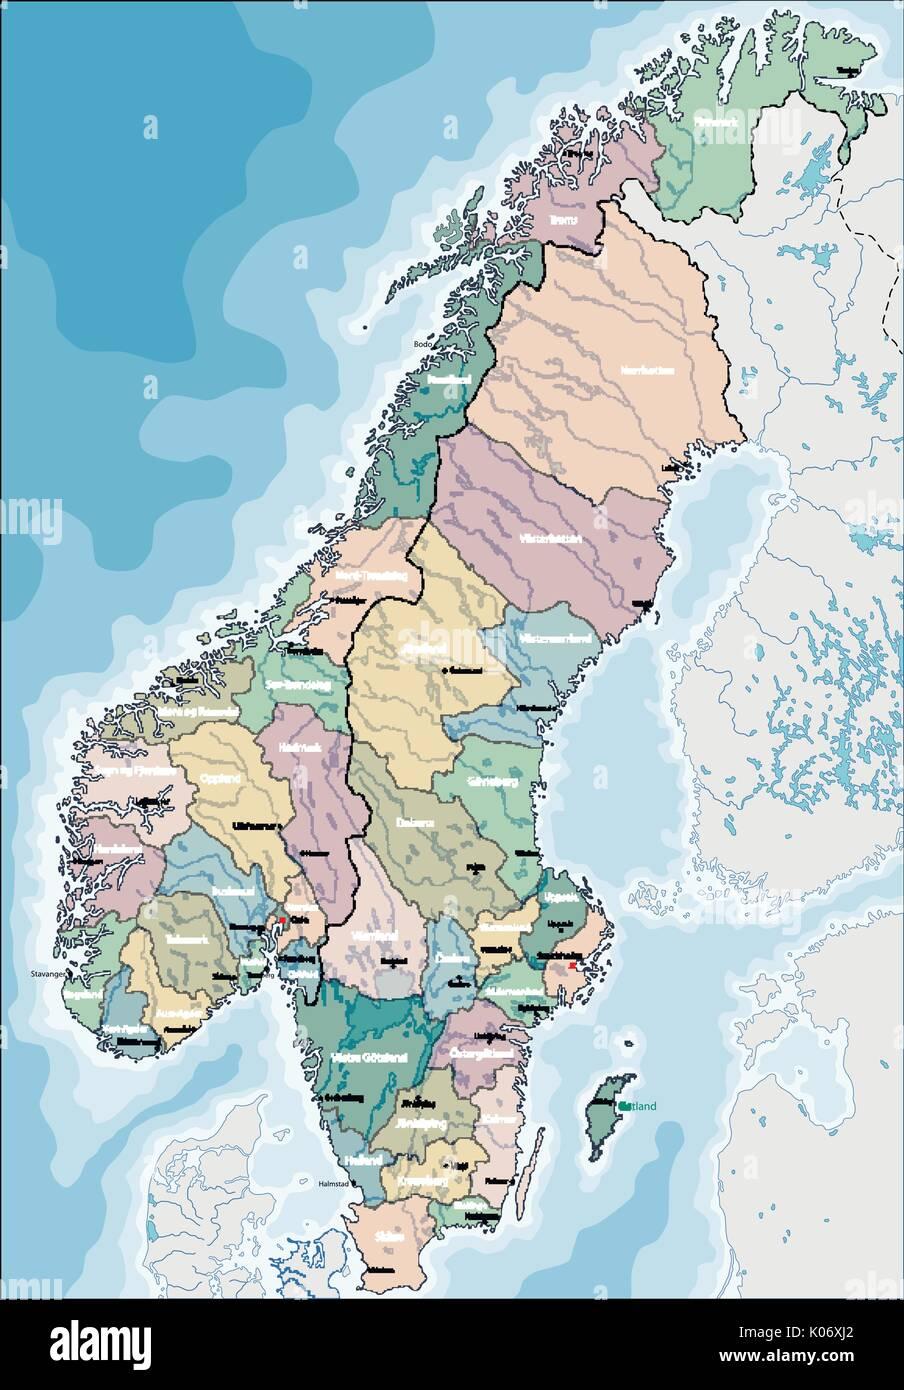 Karte Norwegen Schweden.Karte Von Norwegen Und Schweden Vektor Abbildung Bild